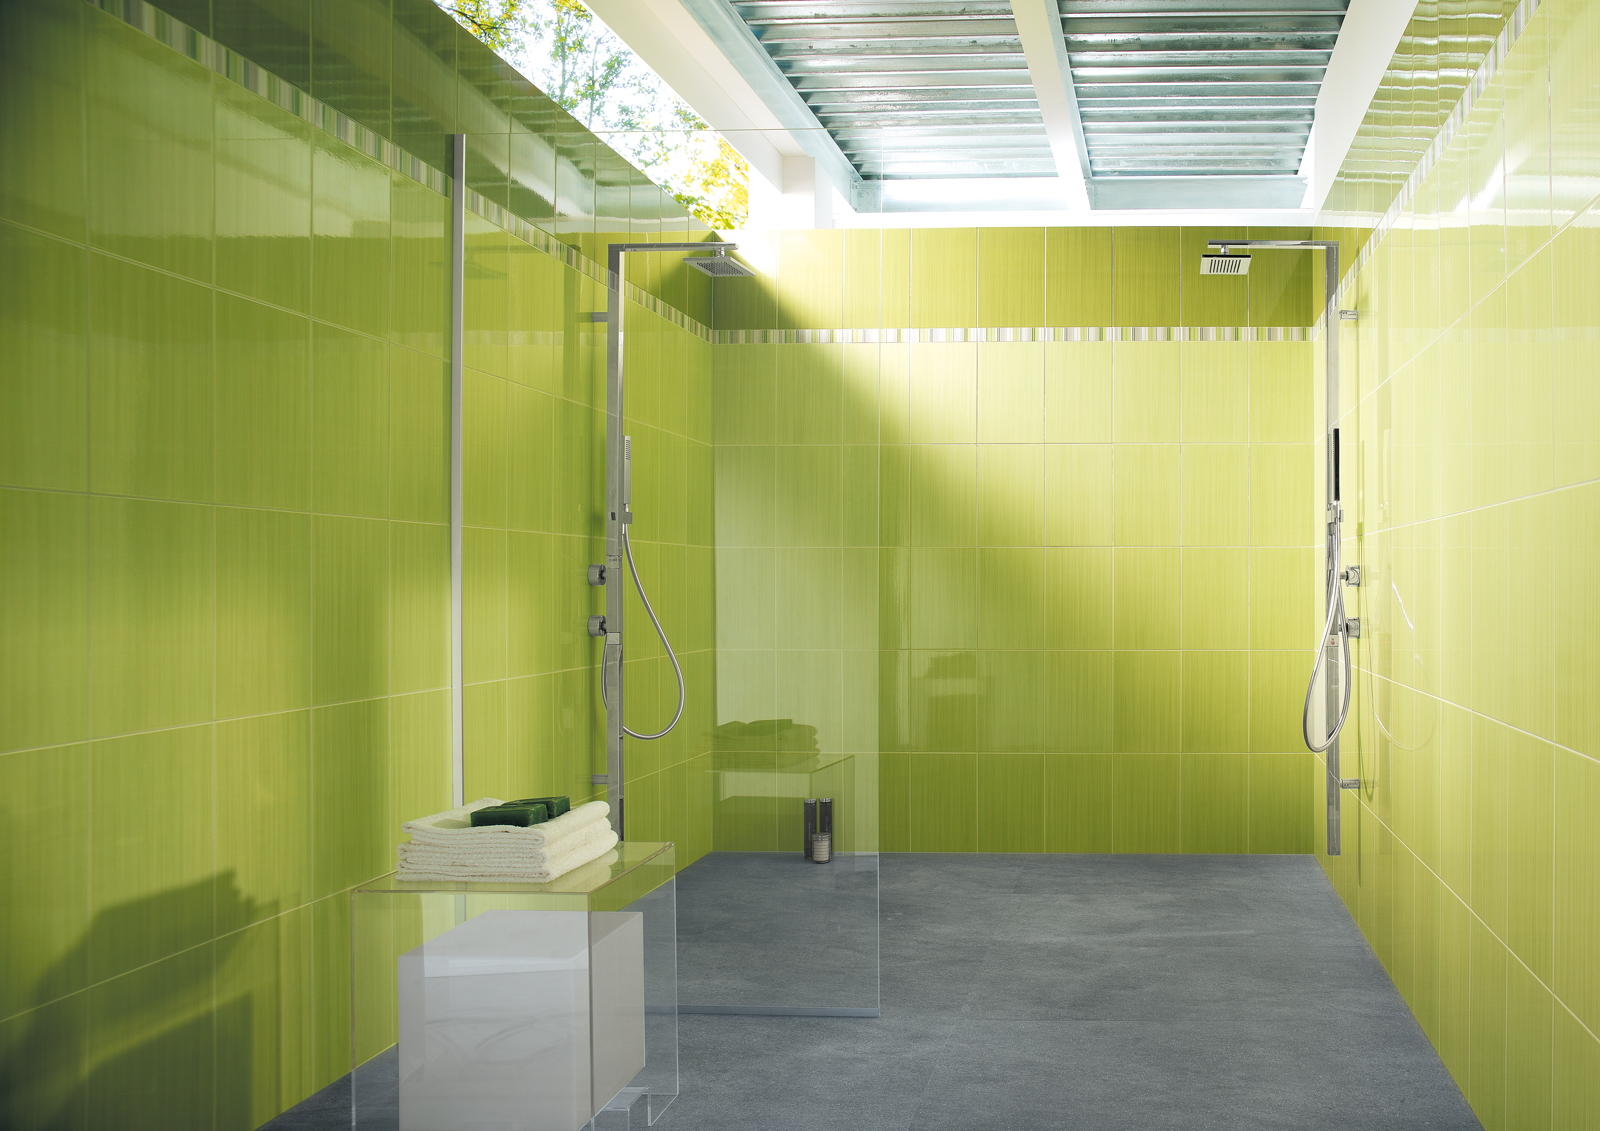 Rivestimento Bagno Verde Mela : Piastrelle bagno verde mela consigli di come ristrutturare un